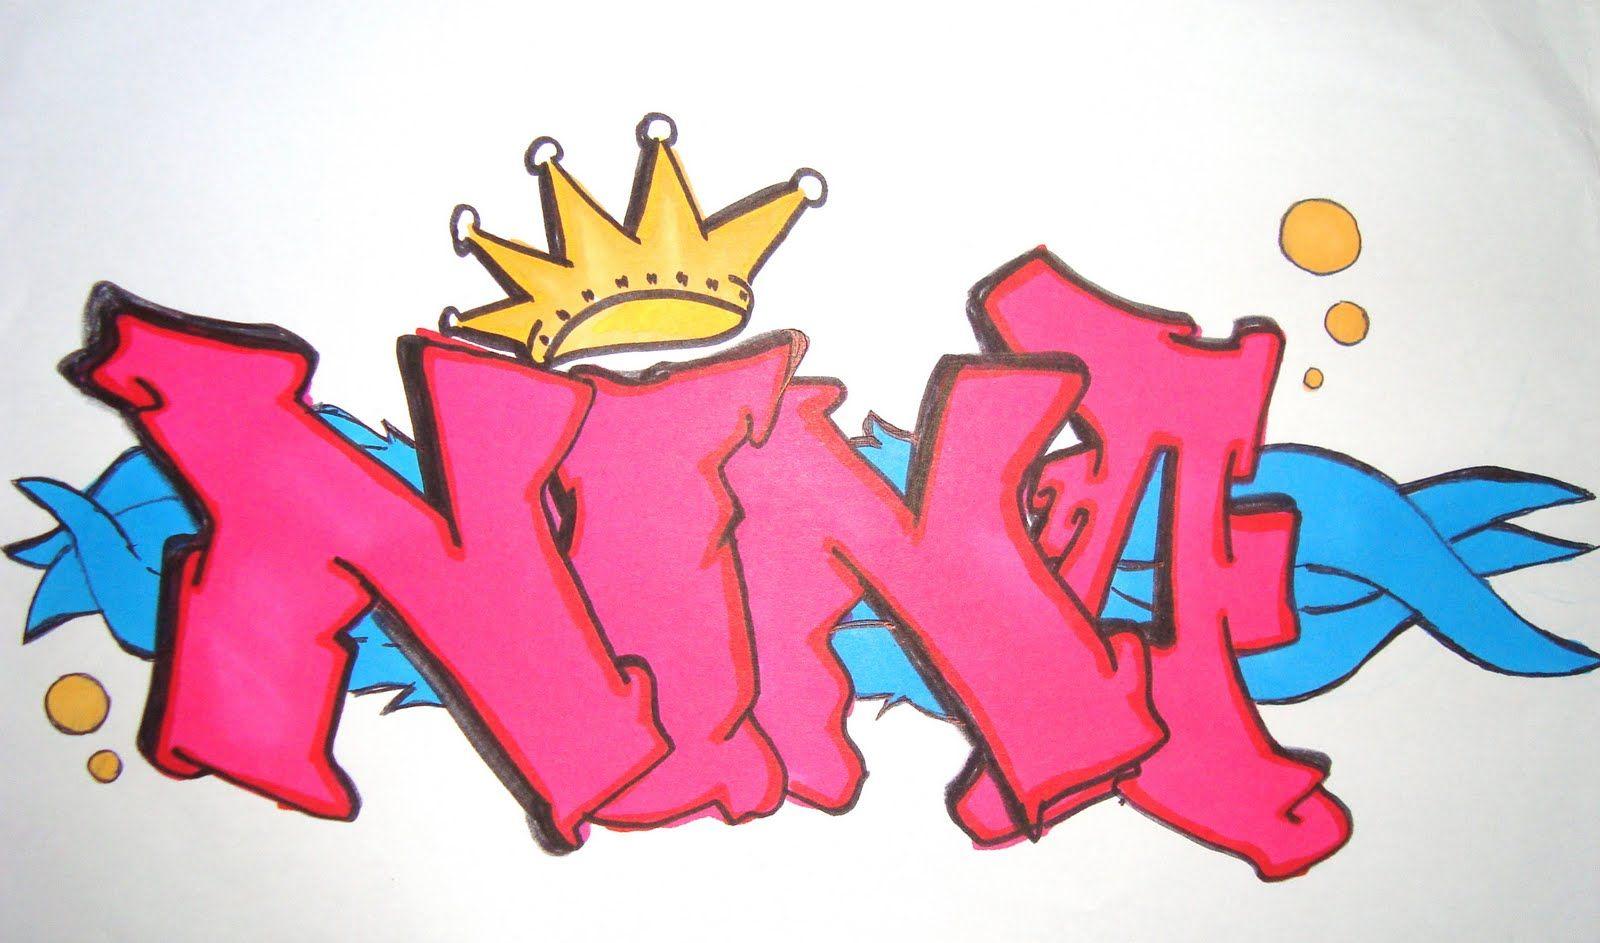 Coole Graffiti Zeichnungen Und Schriftarten In 2019 Graffiti